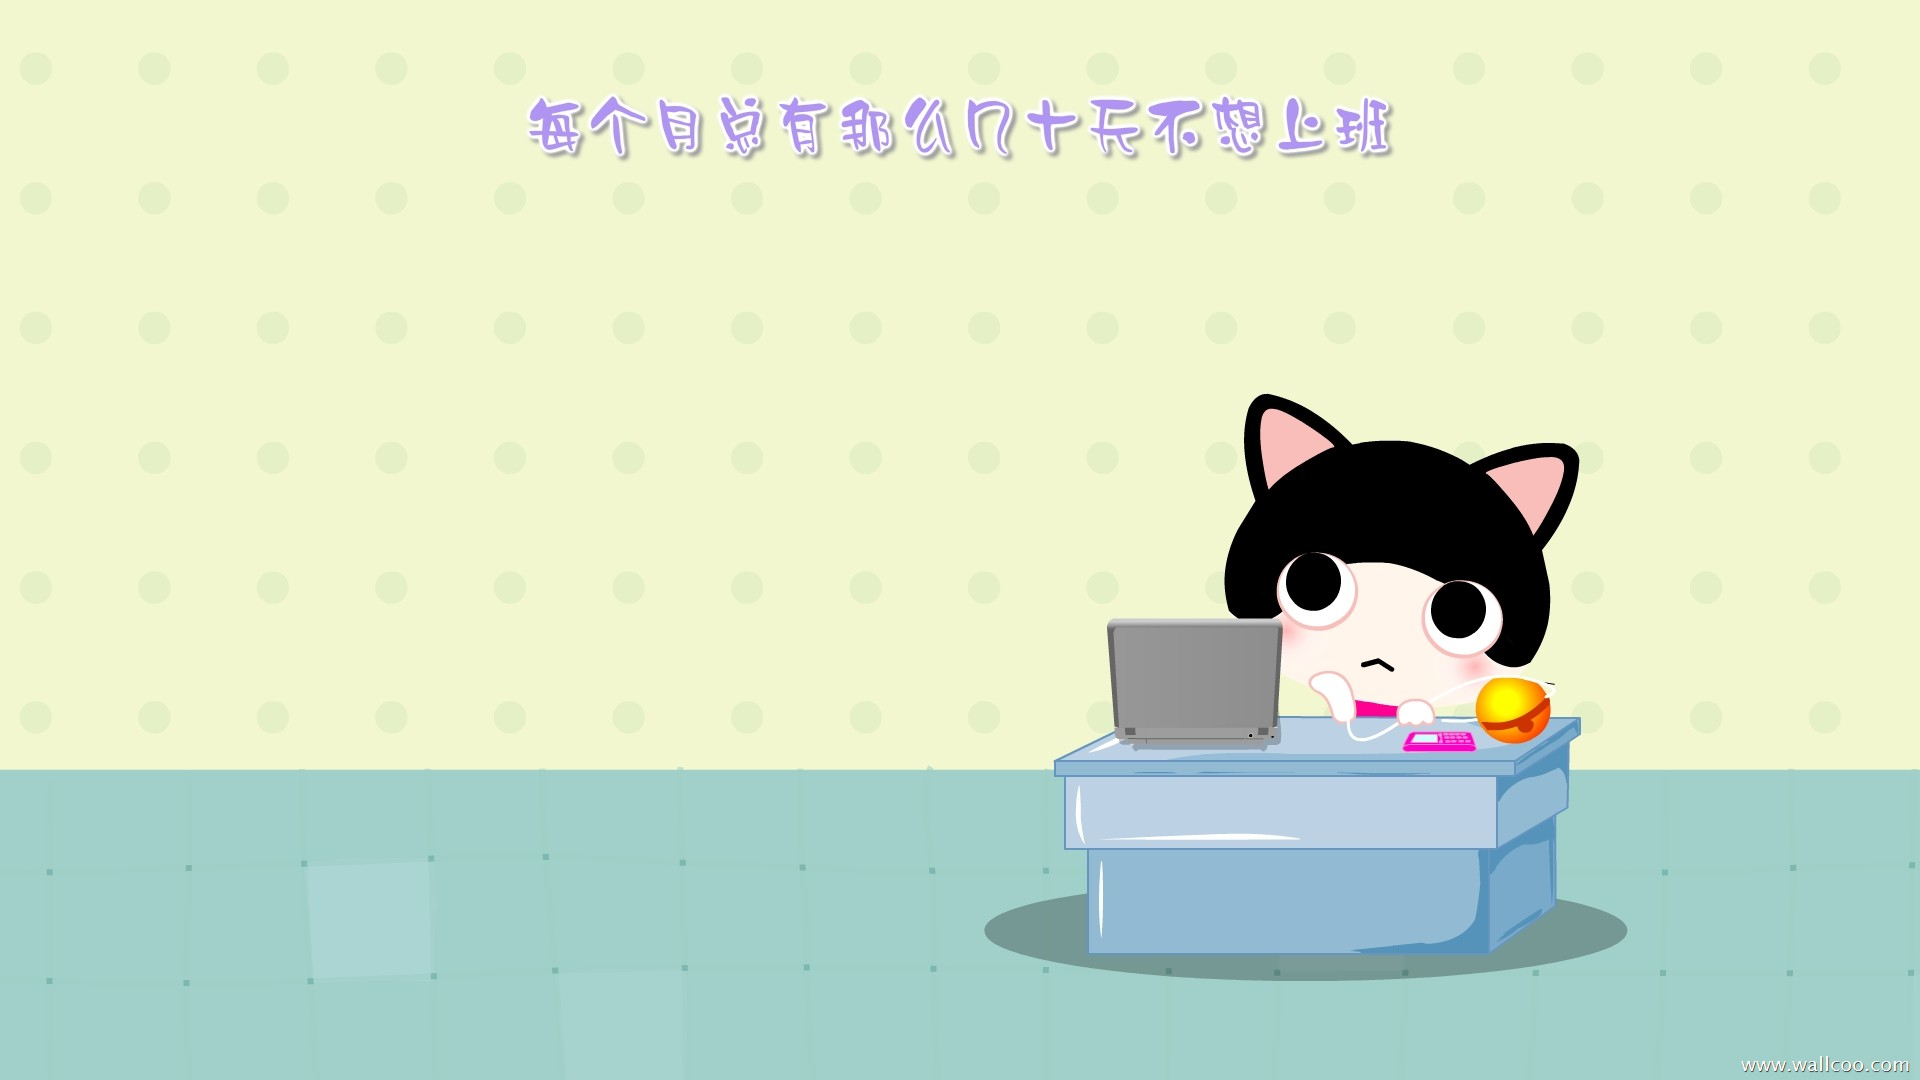 Cute Cartoon Cat Wallpaper 1920x1080